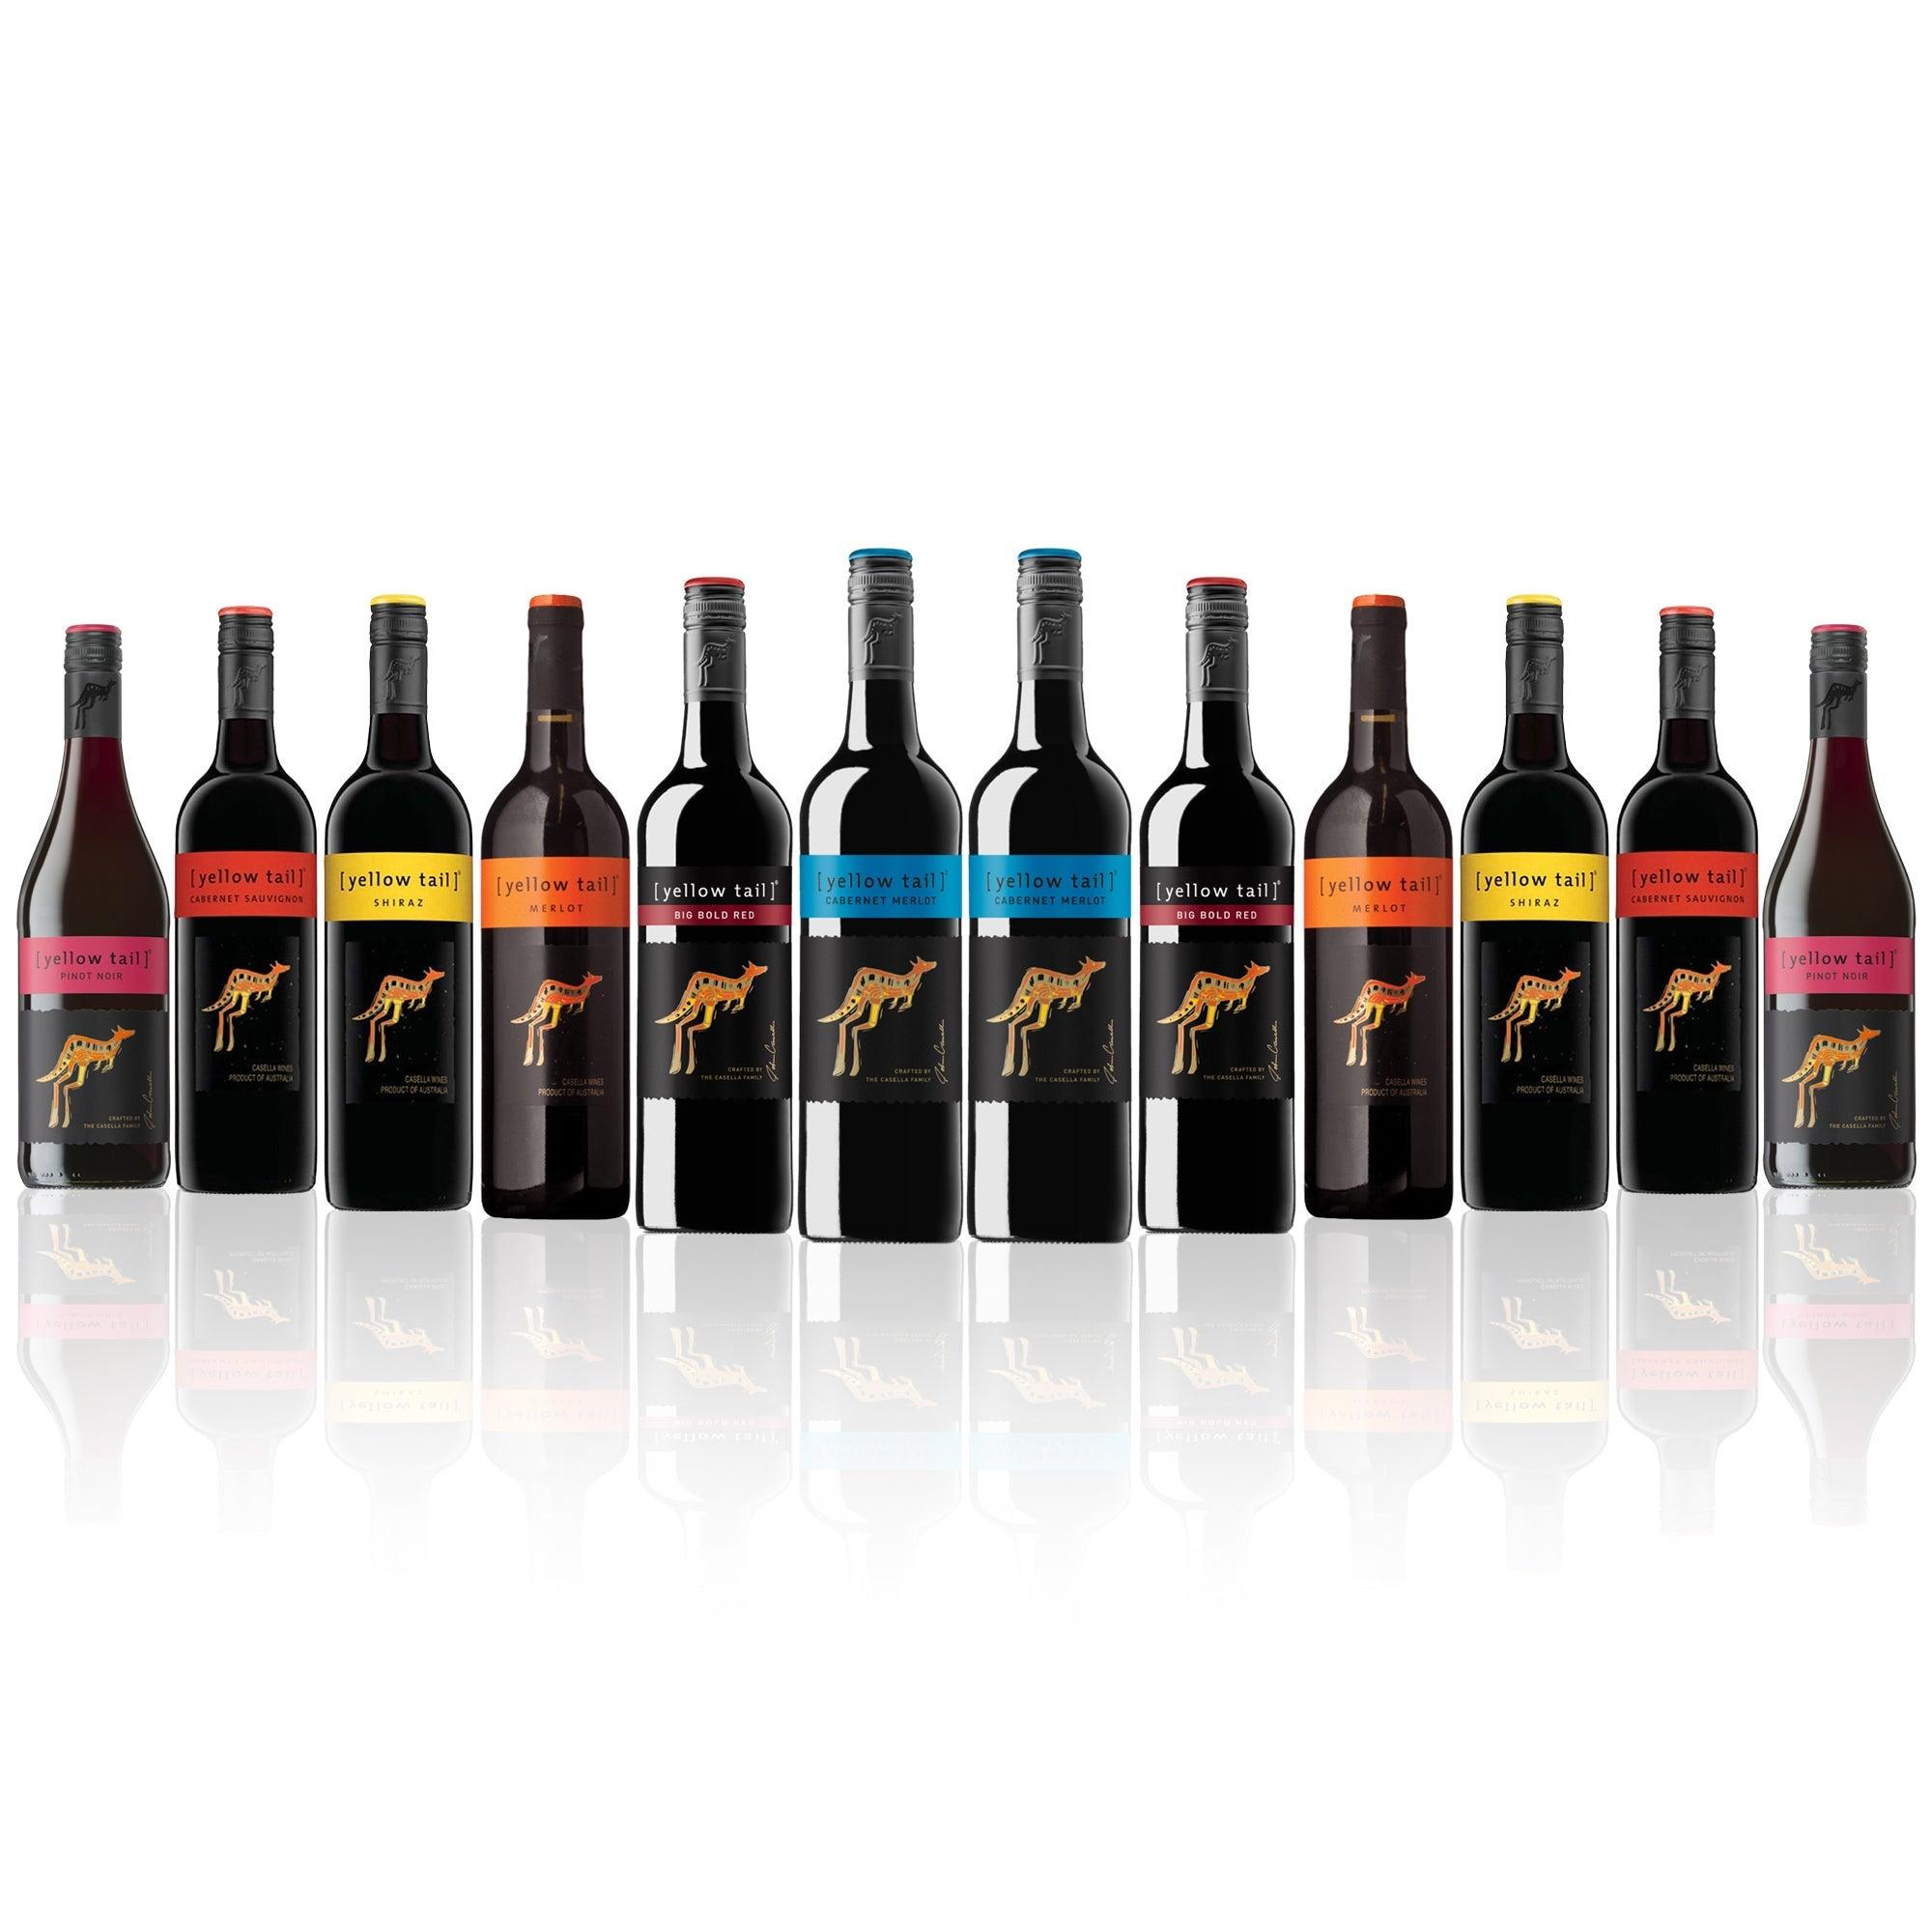 Yellow Tail Mixed Red Favourites Dozen (12 bottles)